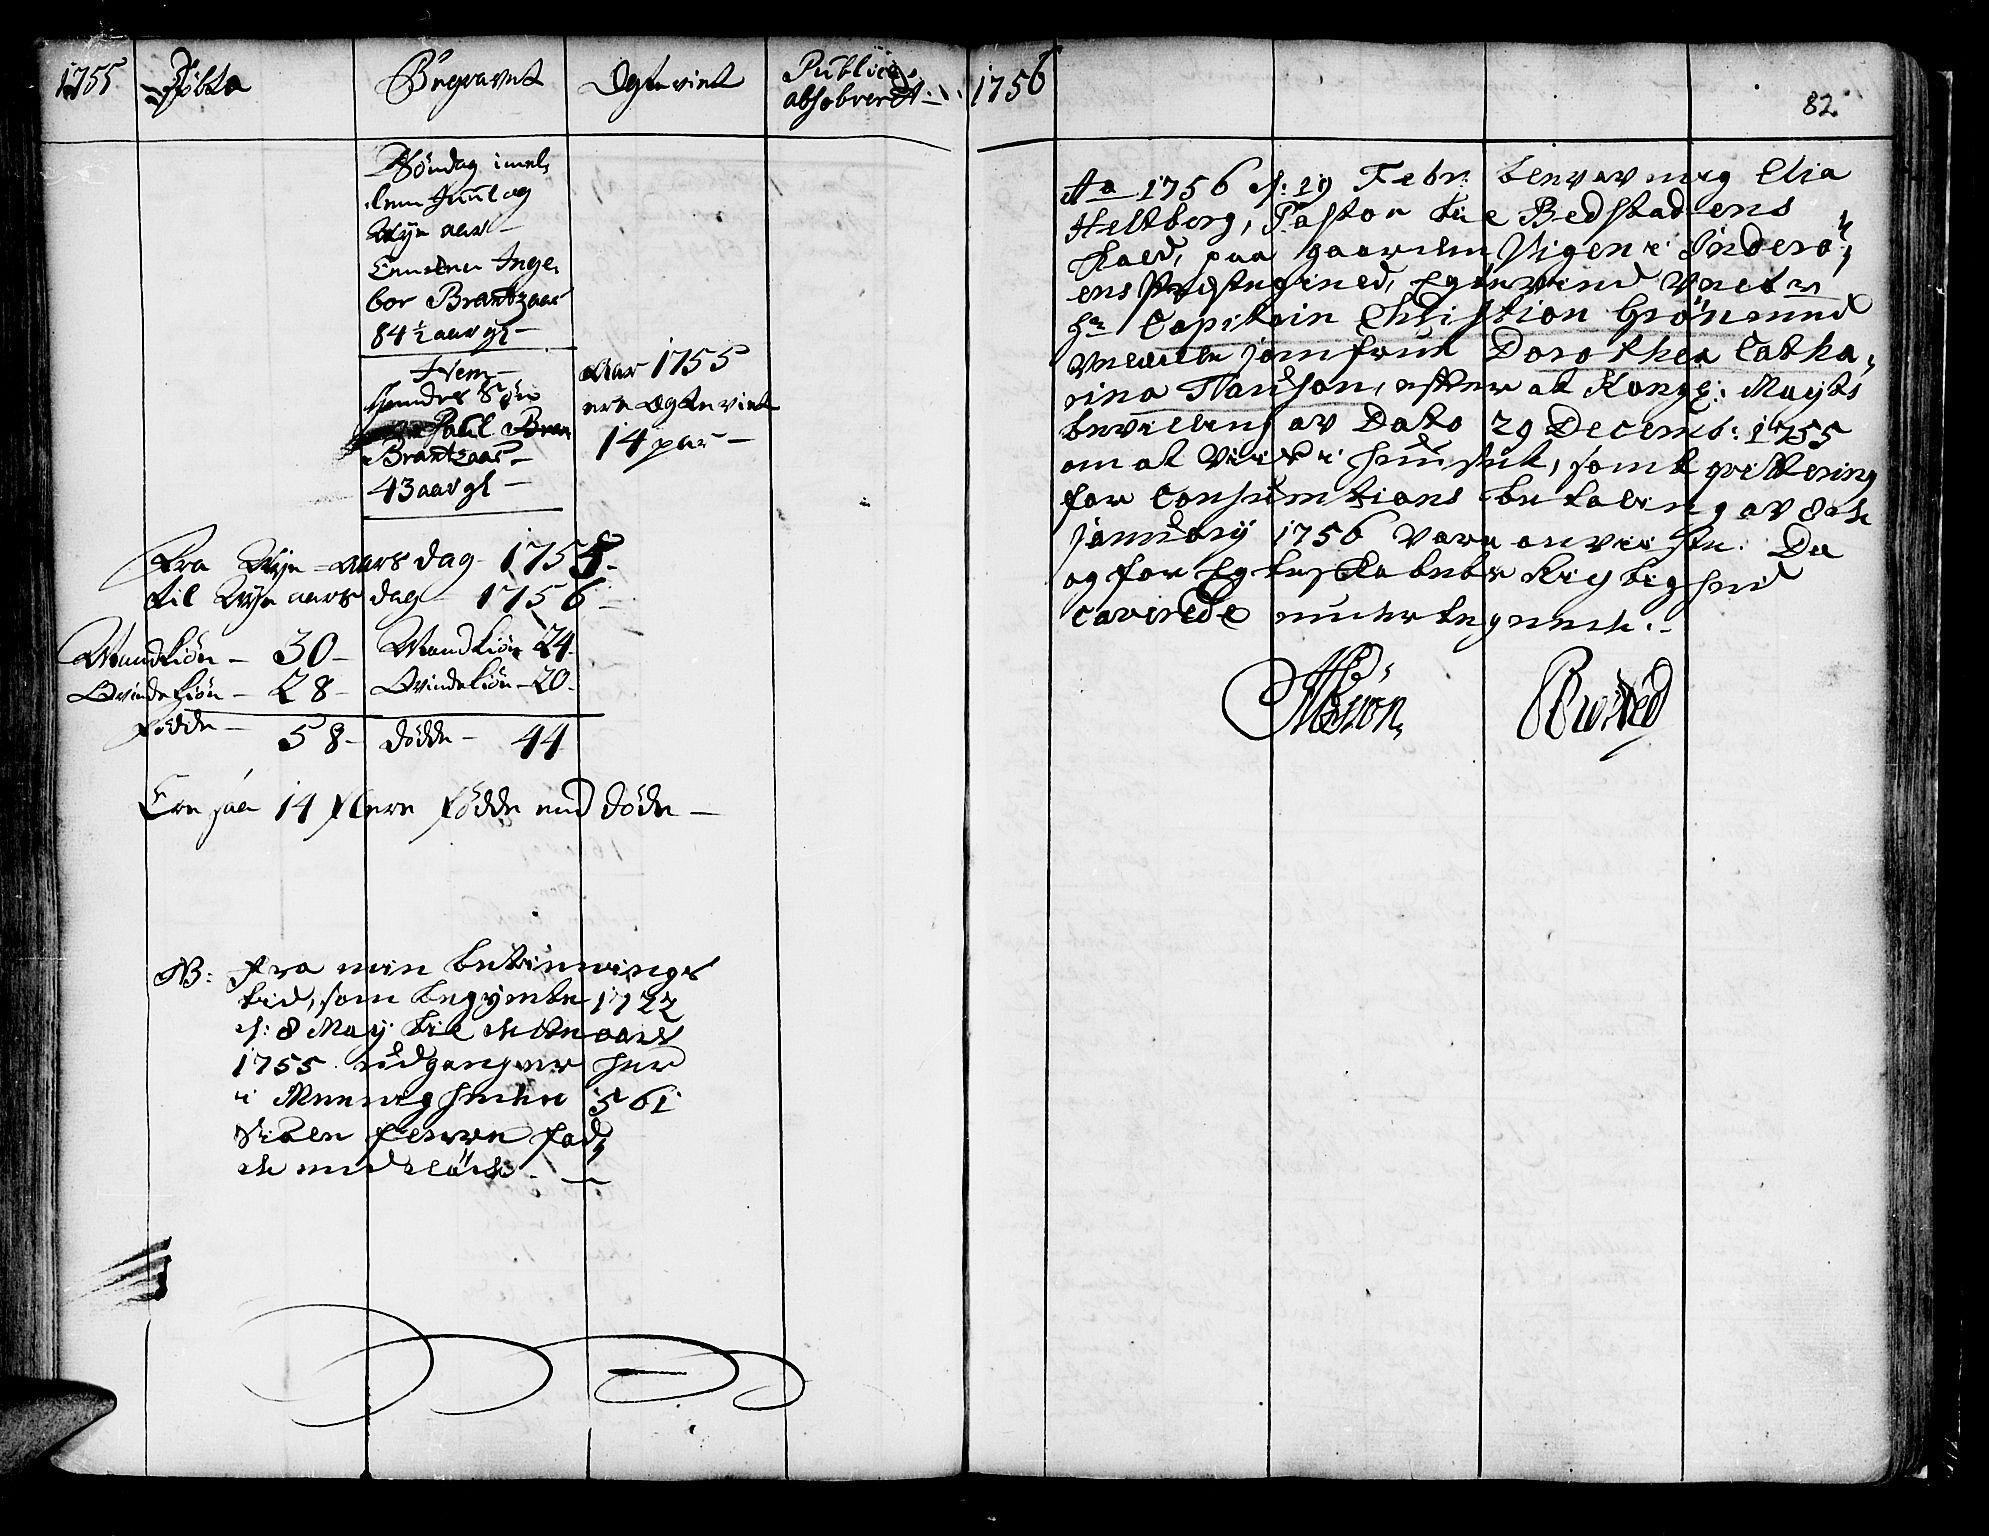 SAT, Ministerialprotokoller, klokkerbøker og fødselsregistre - Nord-Trøndelag, 741/L0385: Ministerialbok nr. 741A01, 1722-1815, s. 82